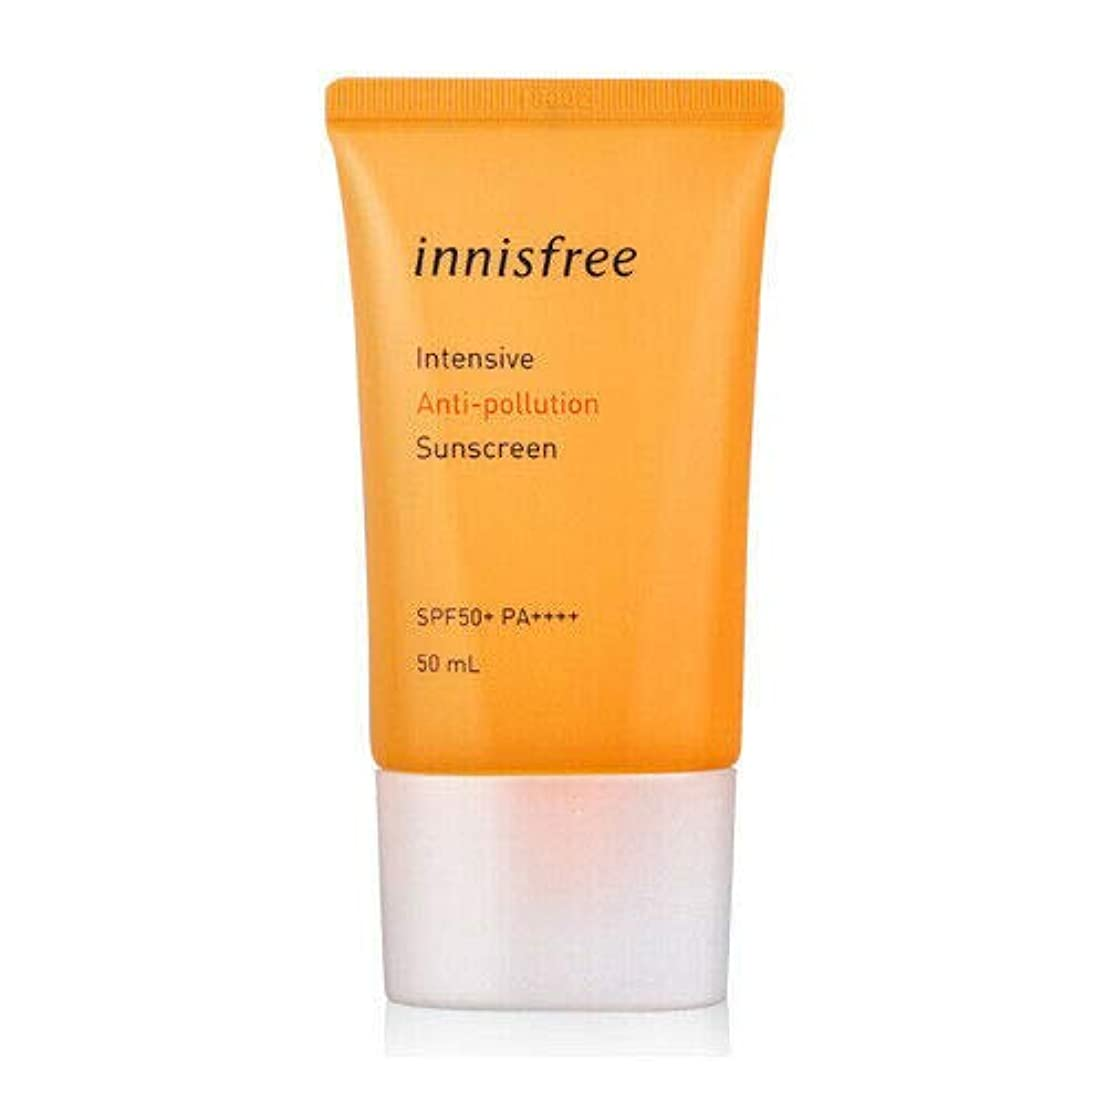 効果浸漬提案[イニスフリー] innisfree [インテンシブ ブアンチポールション サンスクリーン 50ml ] Intensive Anti-pollution Sunscreen SPF50+ PA++++ 50ml [海外直送品]